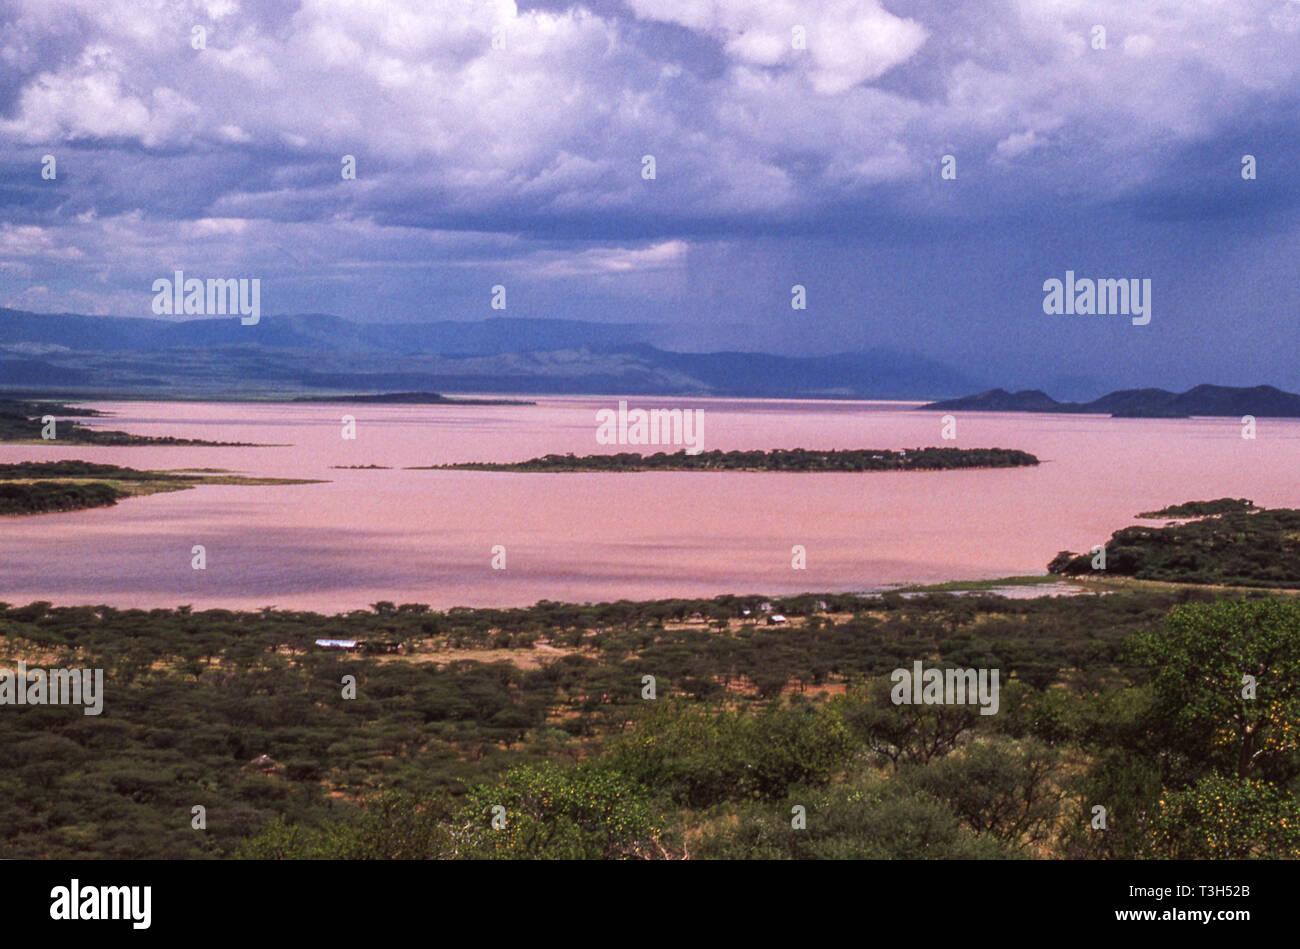 Sambura lago Baringo desde la carretera que desciende hacia el Valle del Rift.El norte de Kenia.En África oriental. Foto de stock